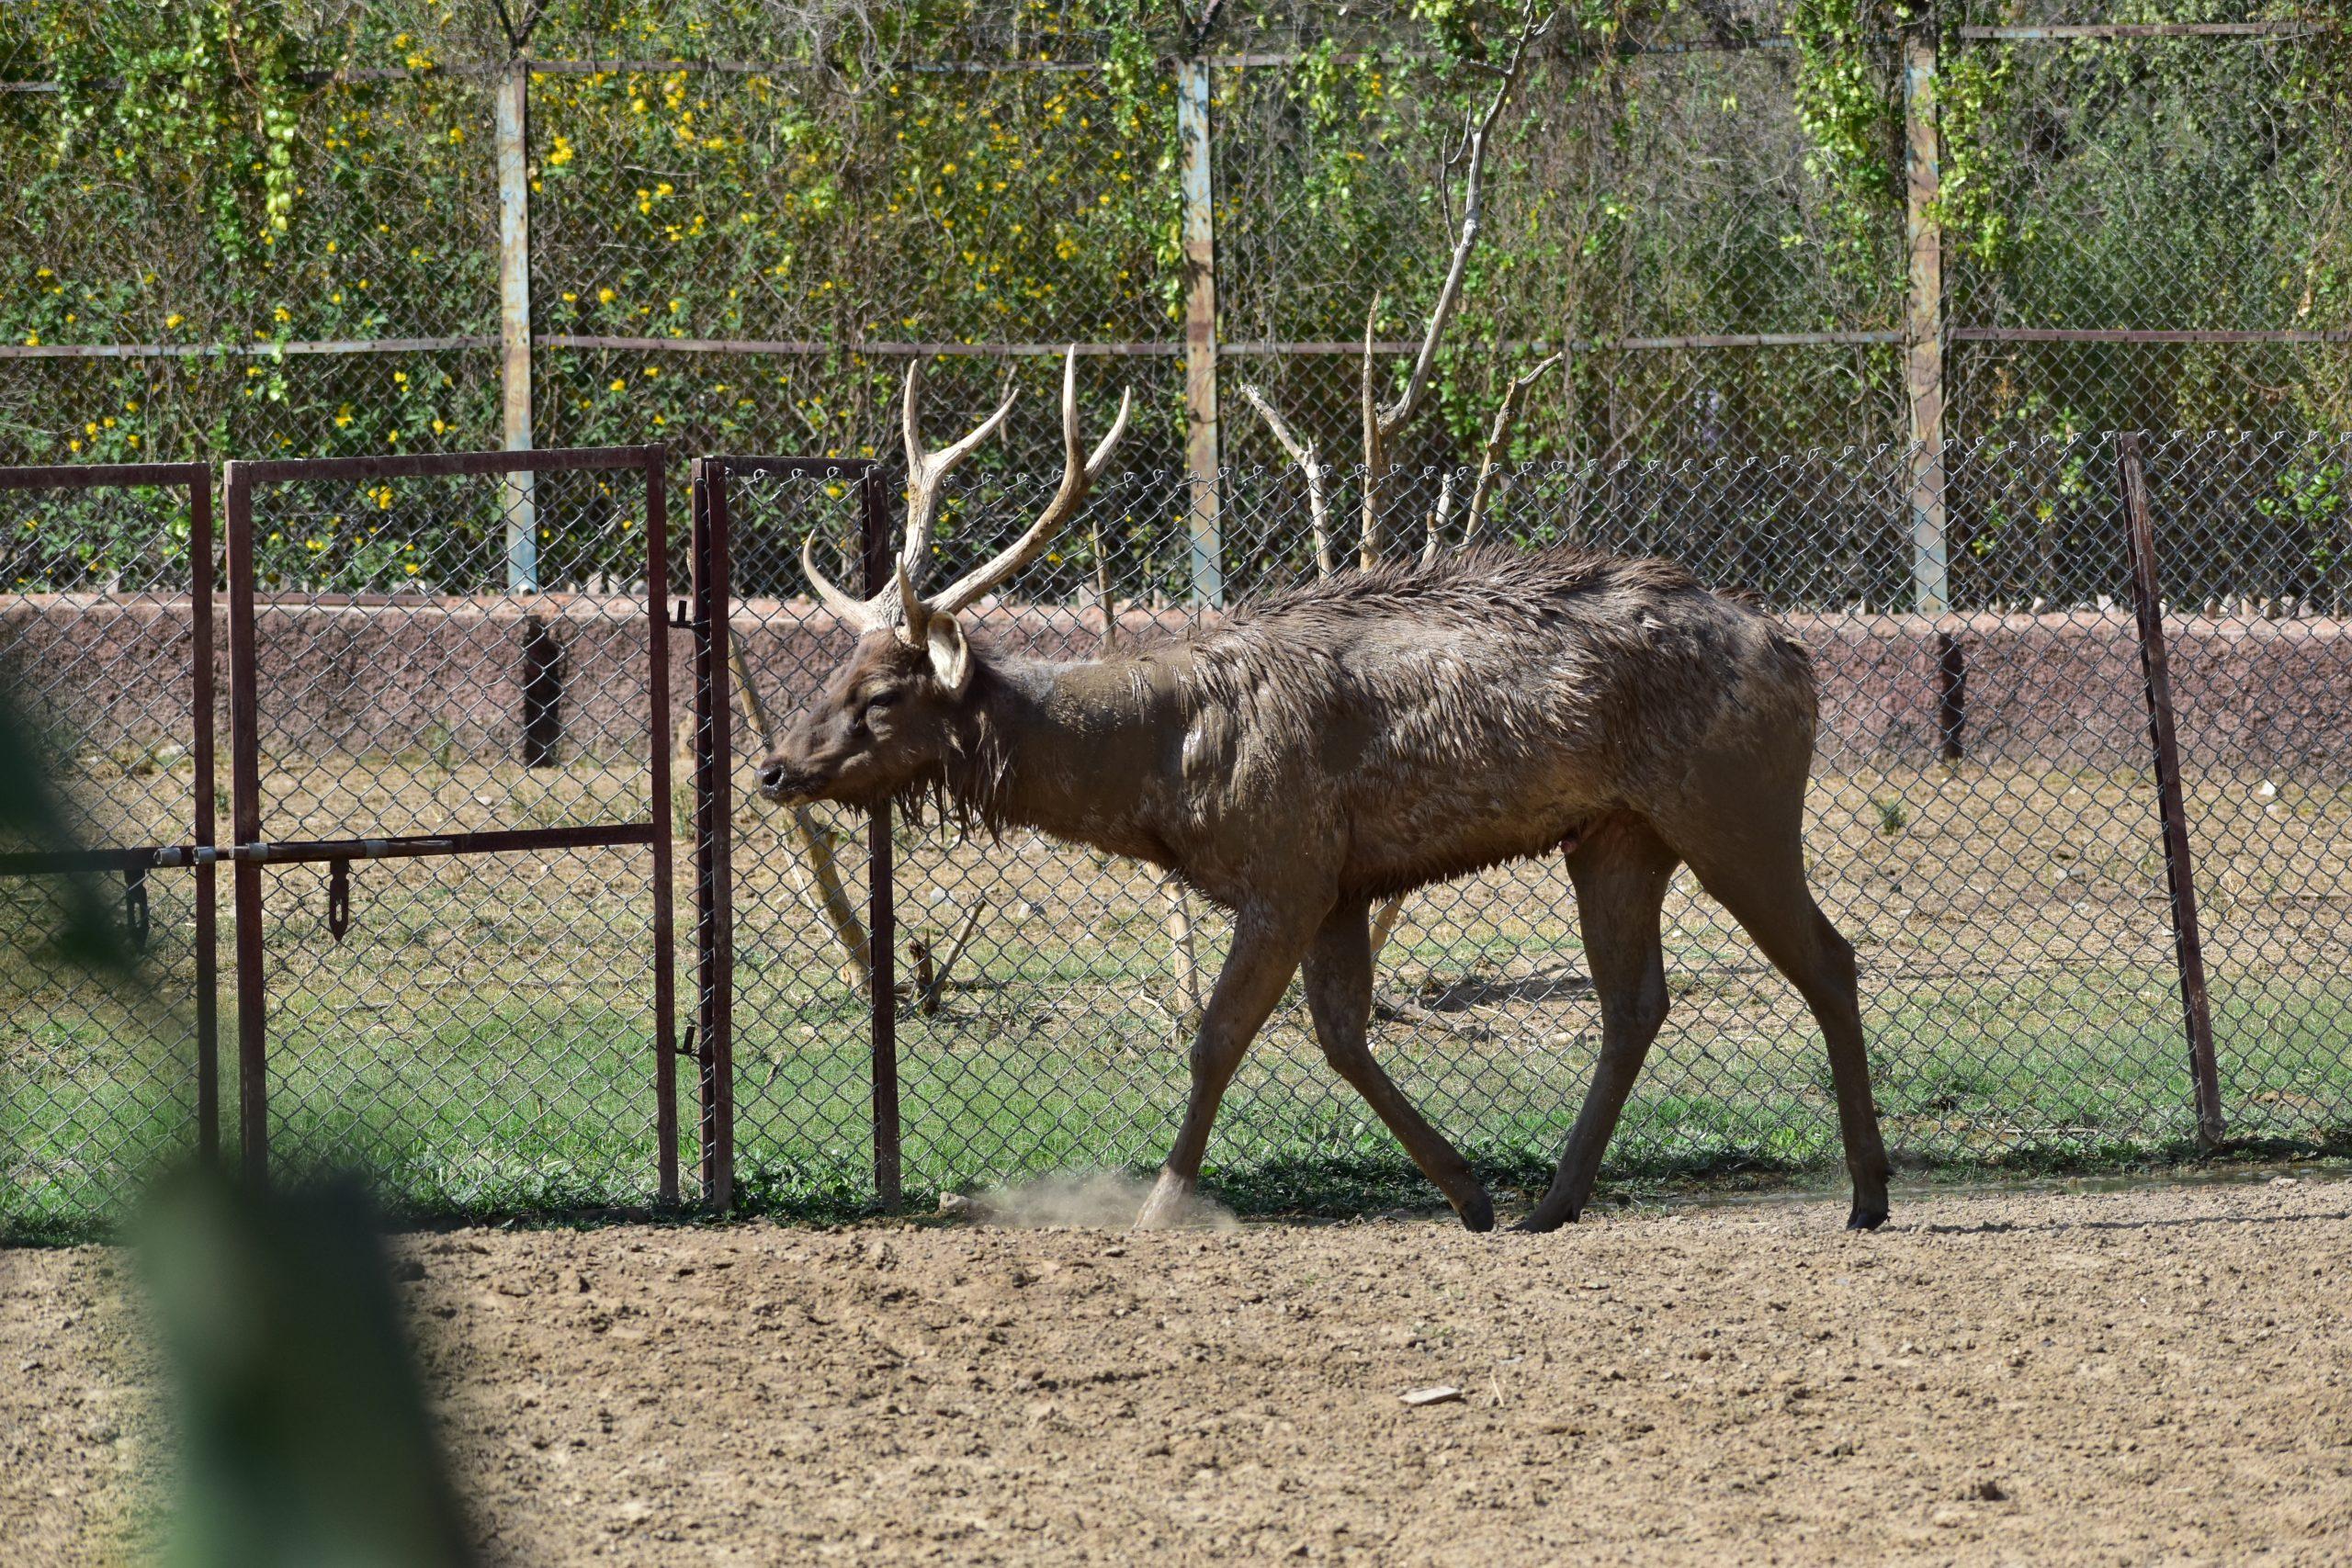 Sambhar deer in zoo